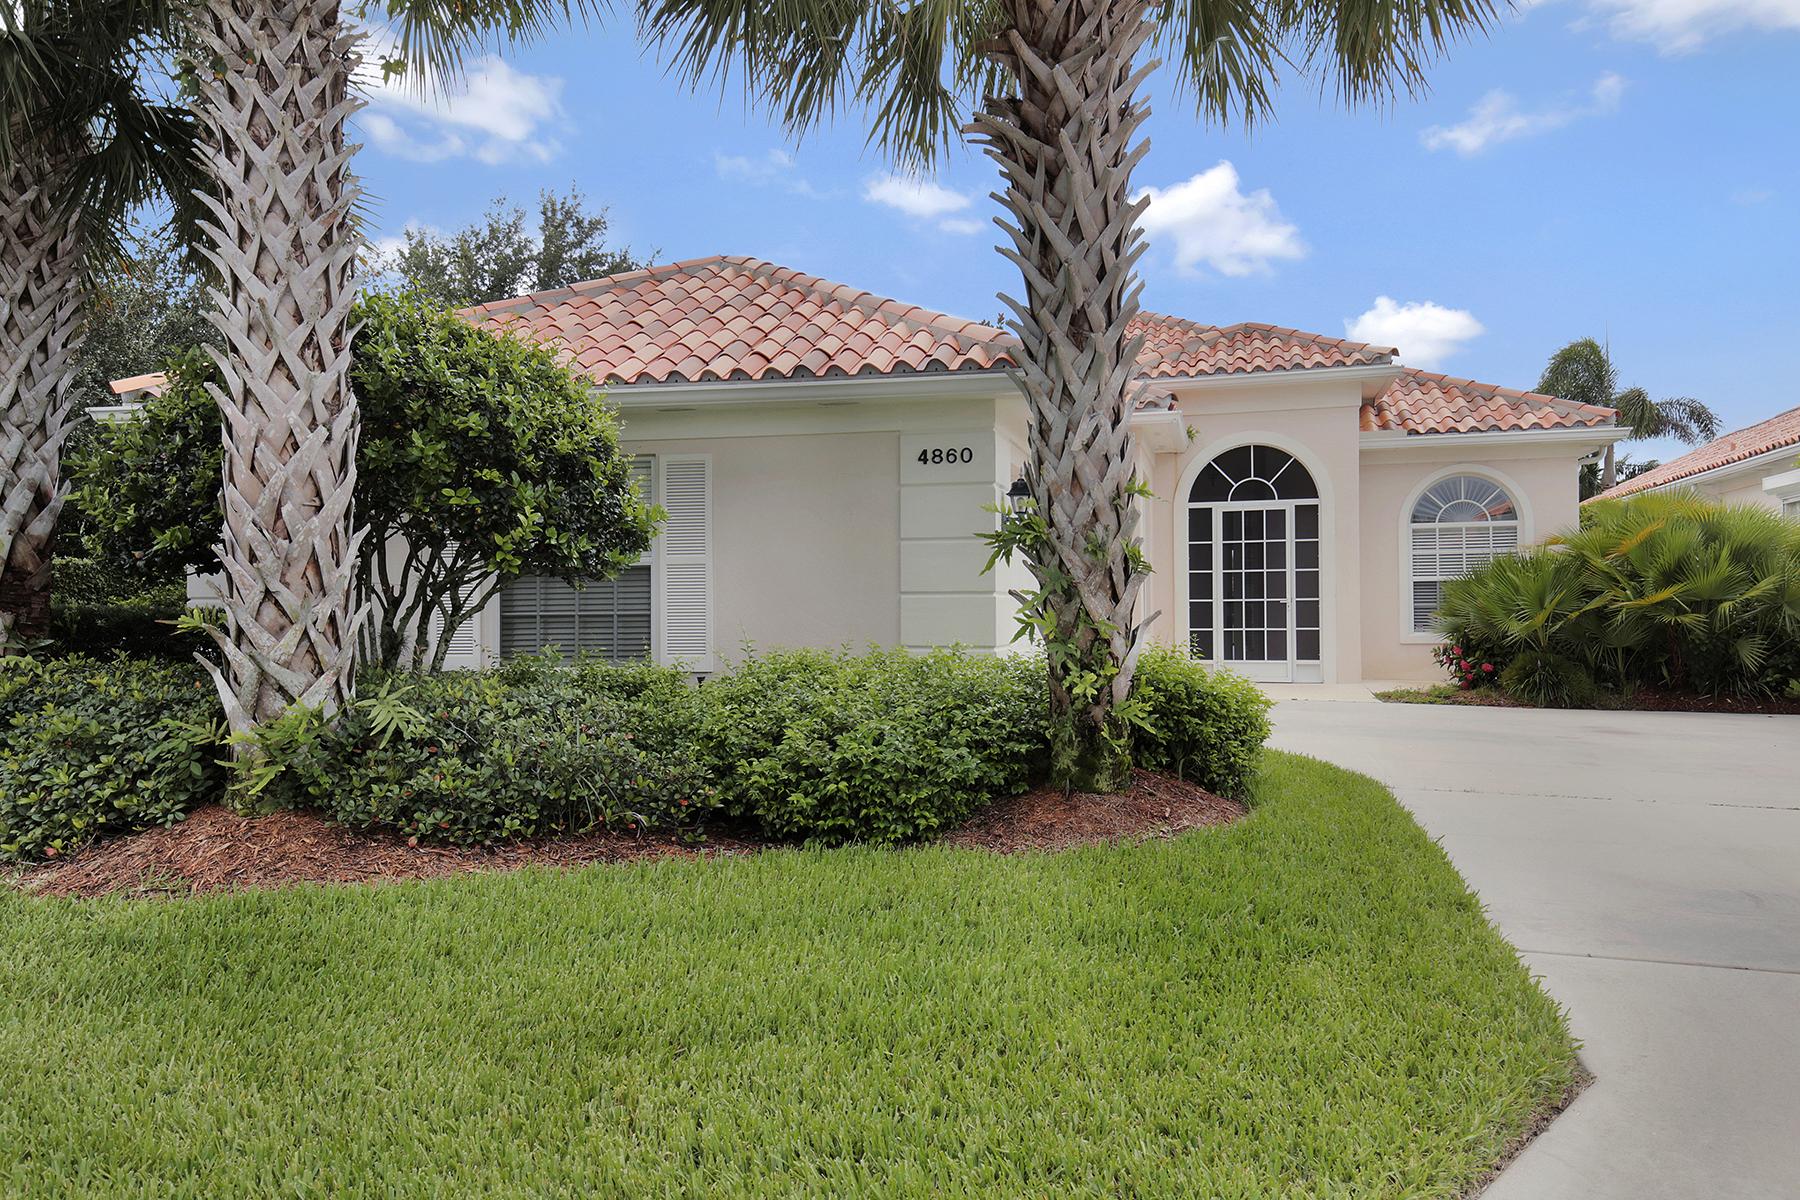 Частный односемейный дом для того Продажа на VILLAGE WALK 4860 San Pablo Ct Naples, Флорида 34109 Соединенные Штаты